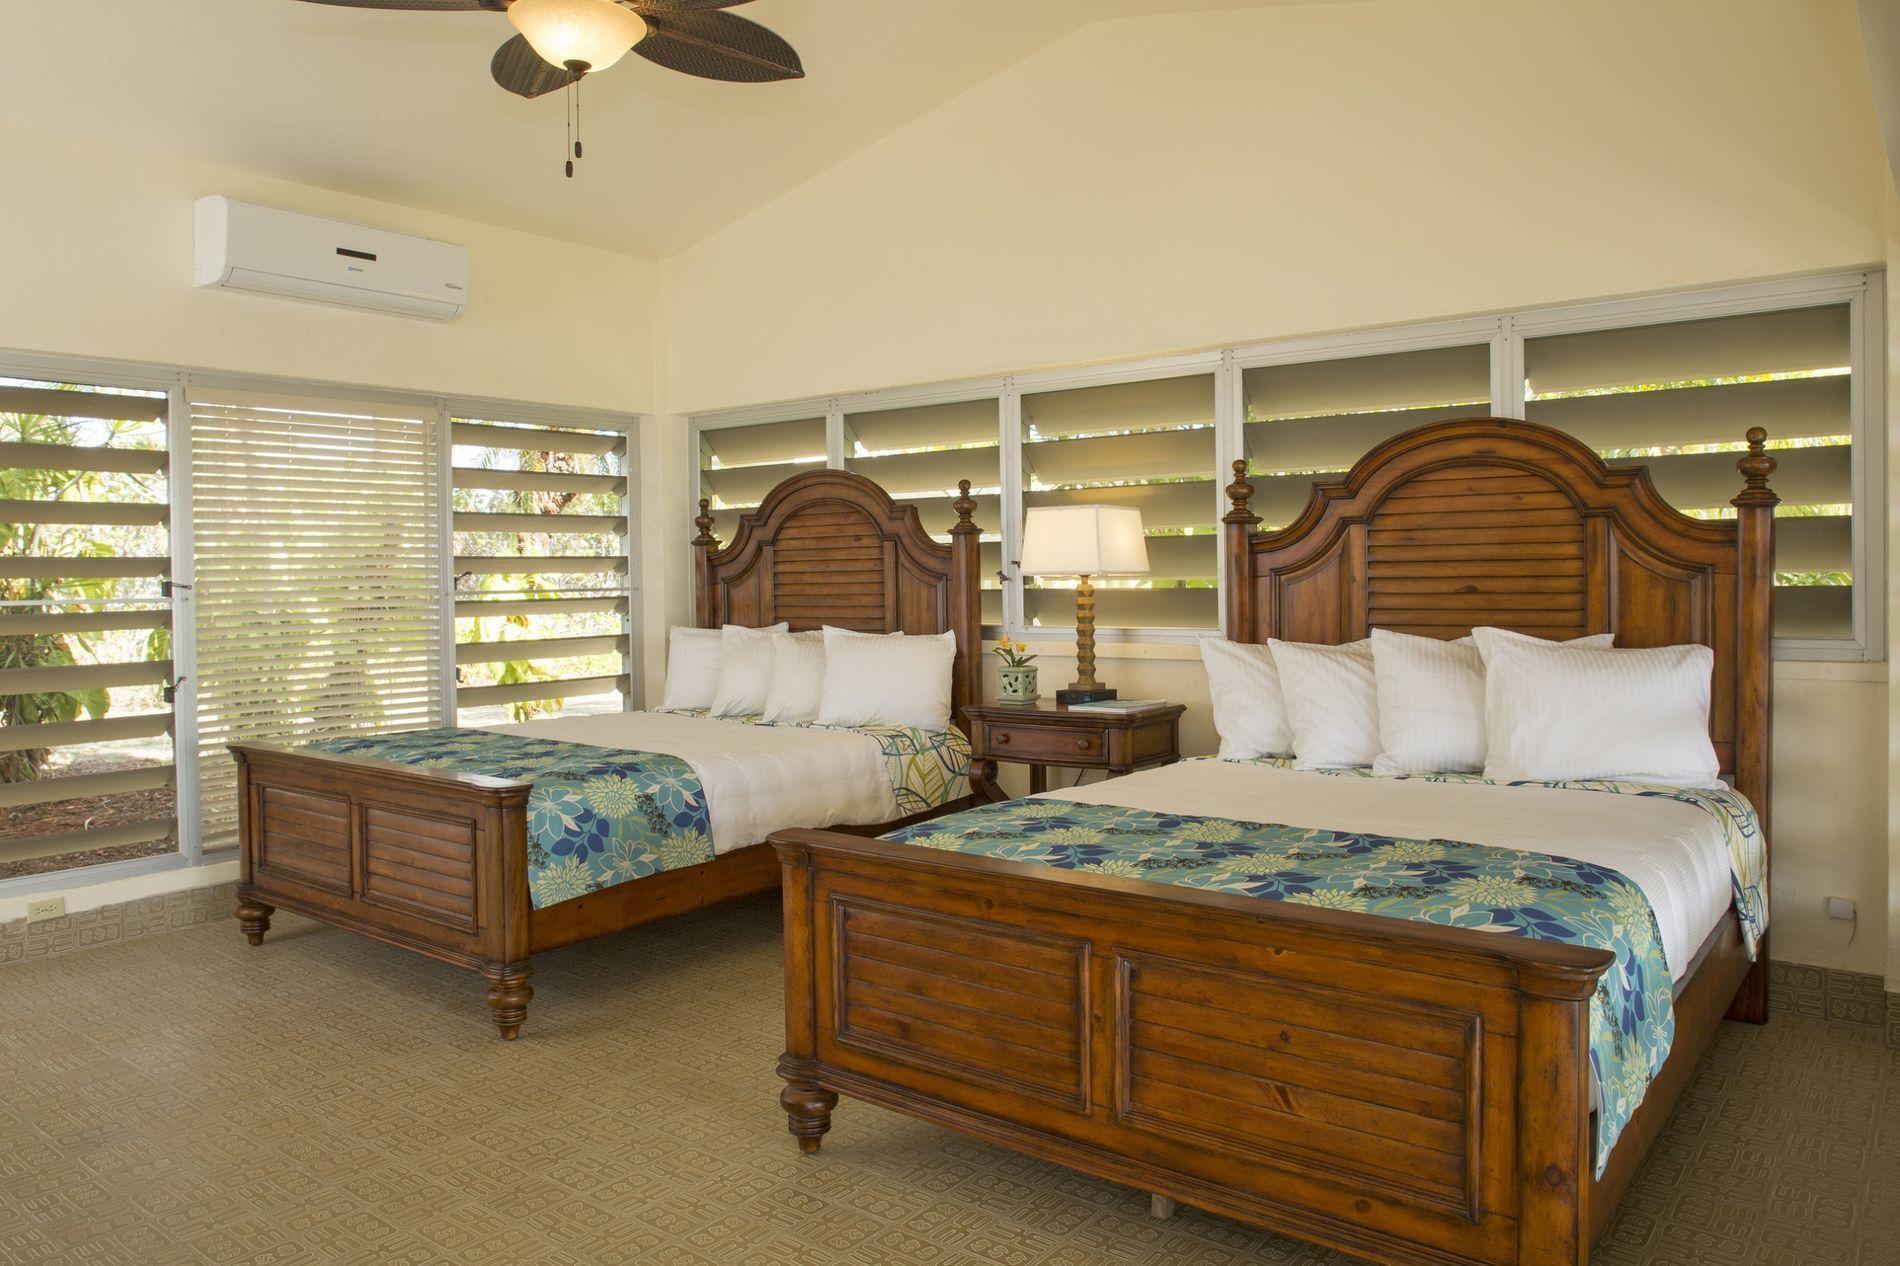 Flamboyant Bedroom Double Queen Beds